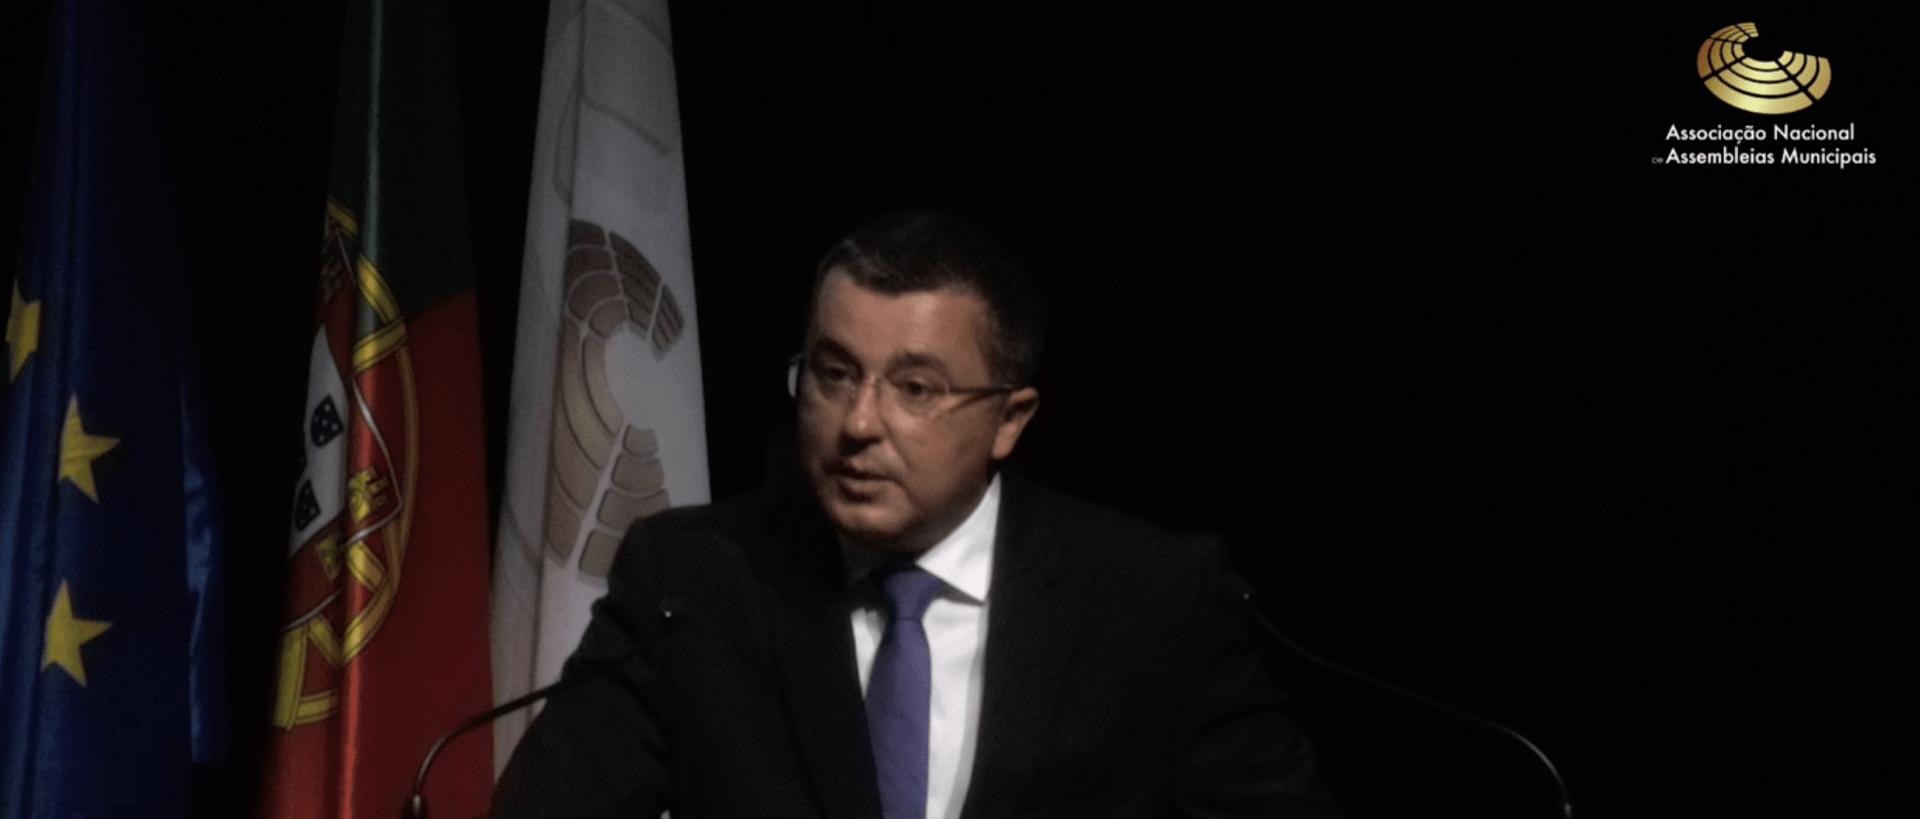 governo no congresos da ANAM